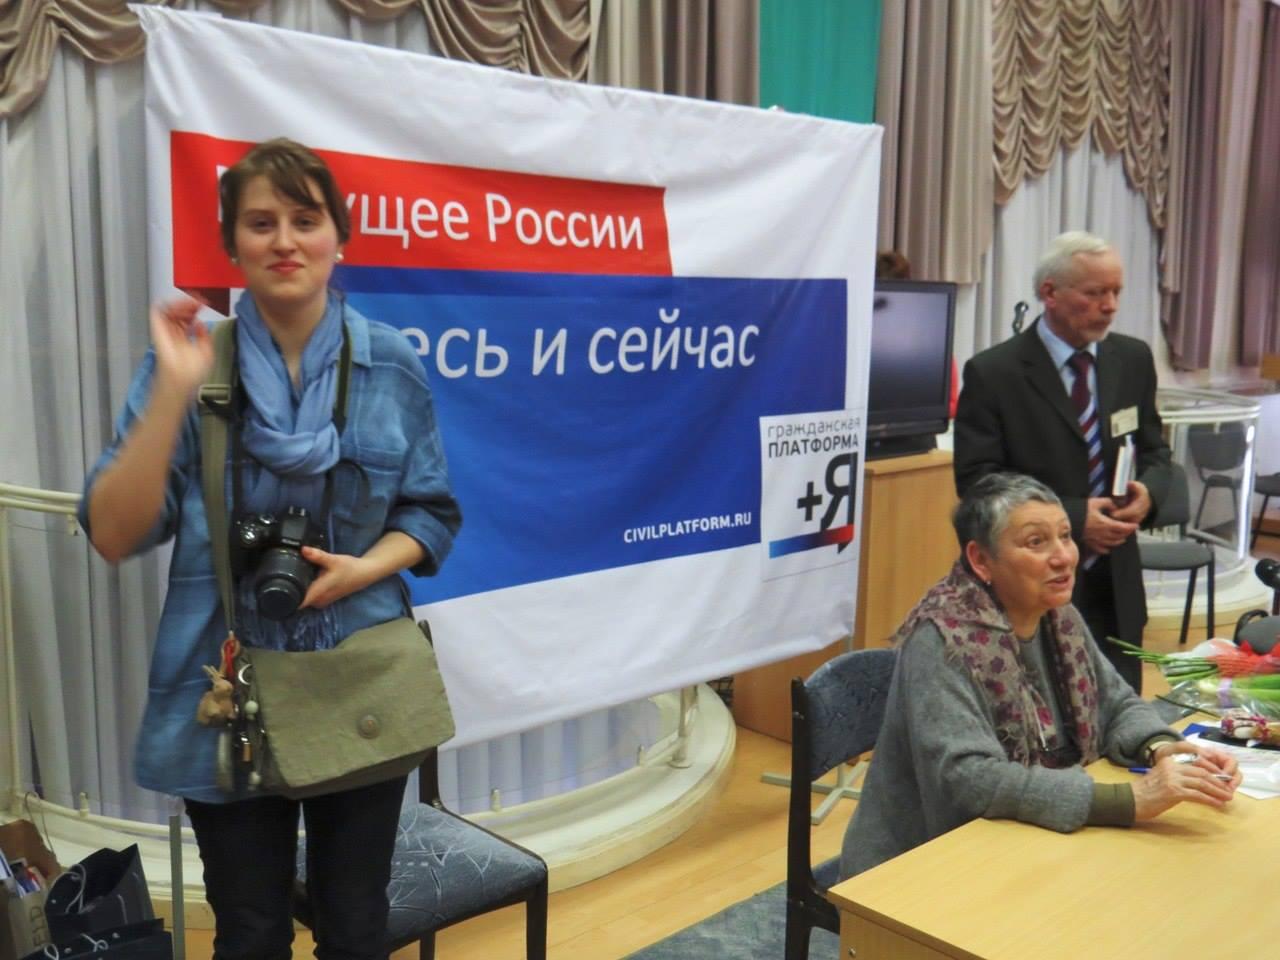 Активистку Анну Дулевскую вызвали в СК за критический пост о памятнике Ивану Грозному